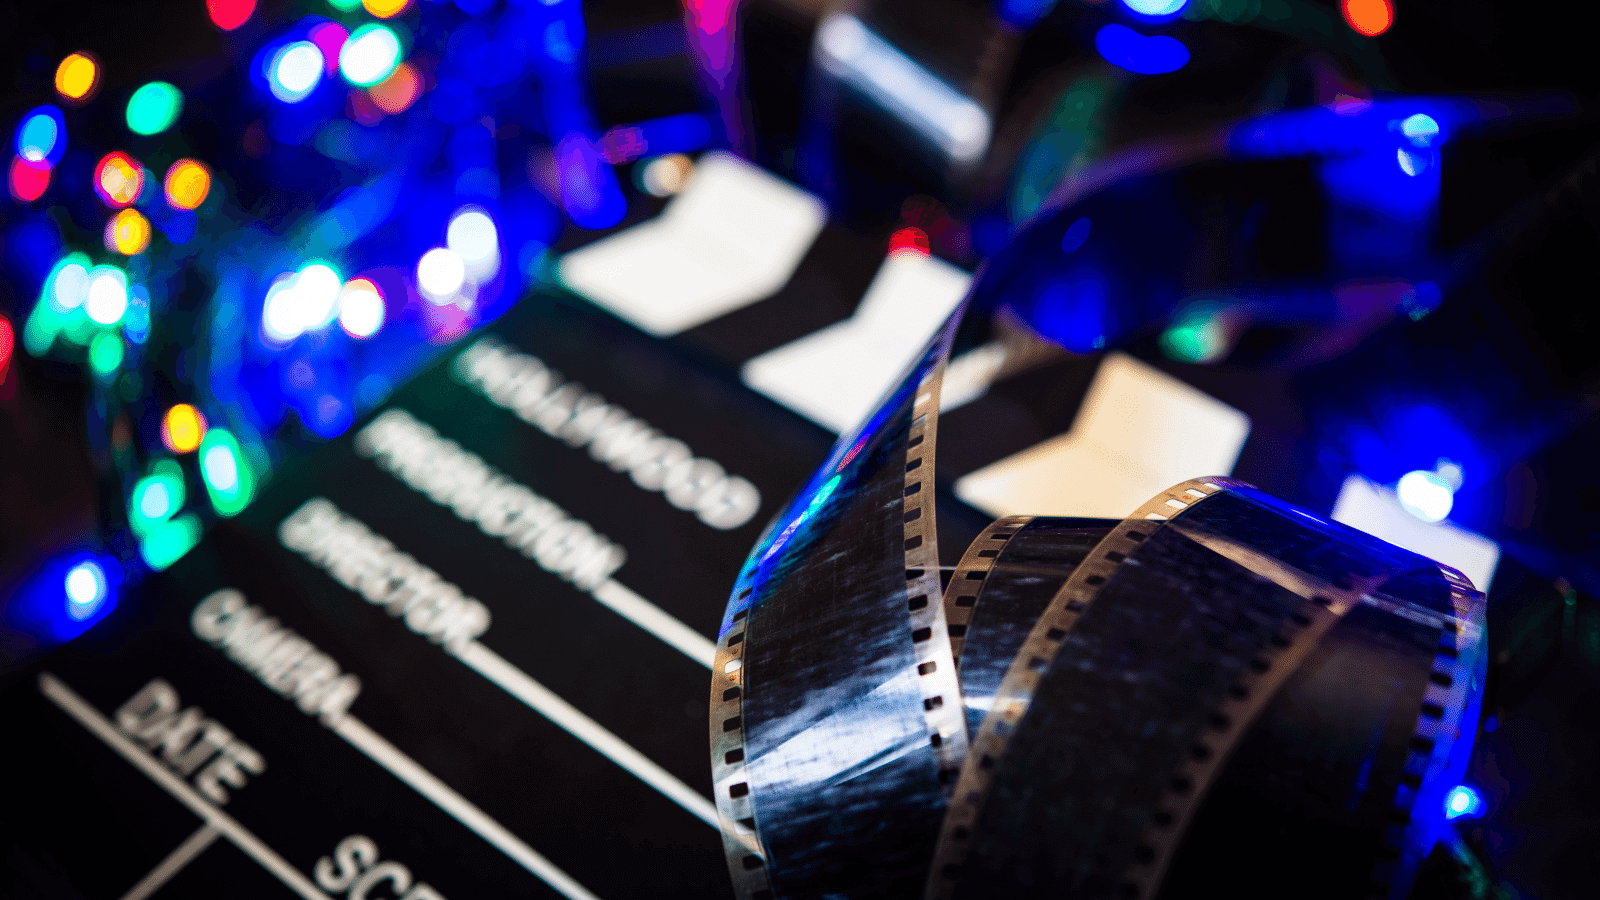 Christmas Movie Reel & Clapperboard